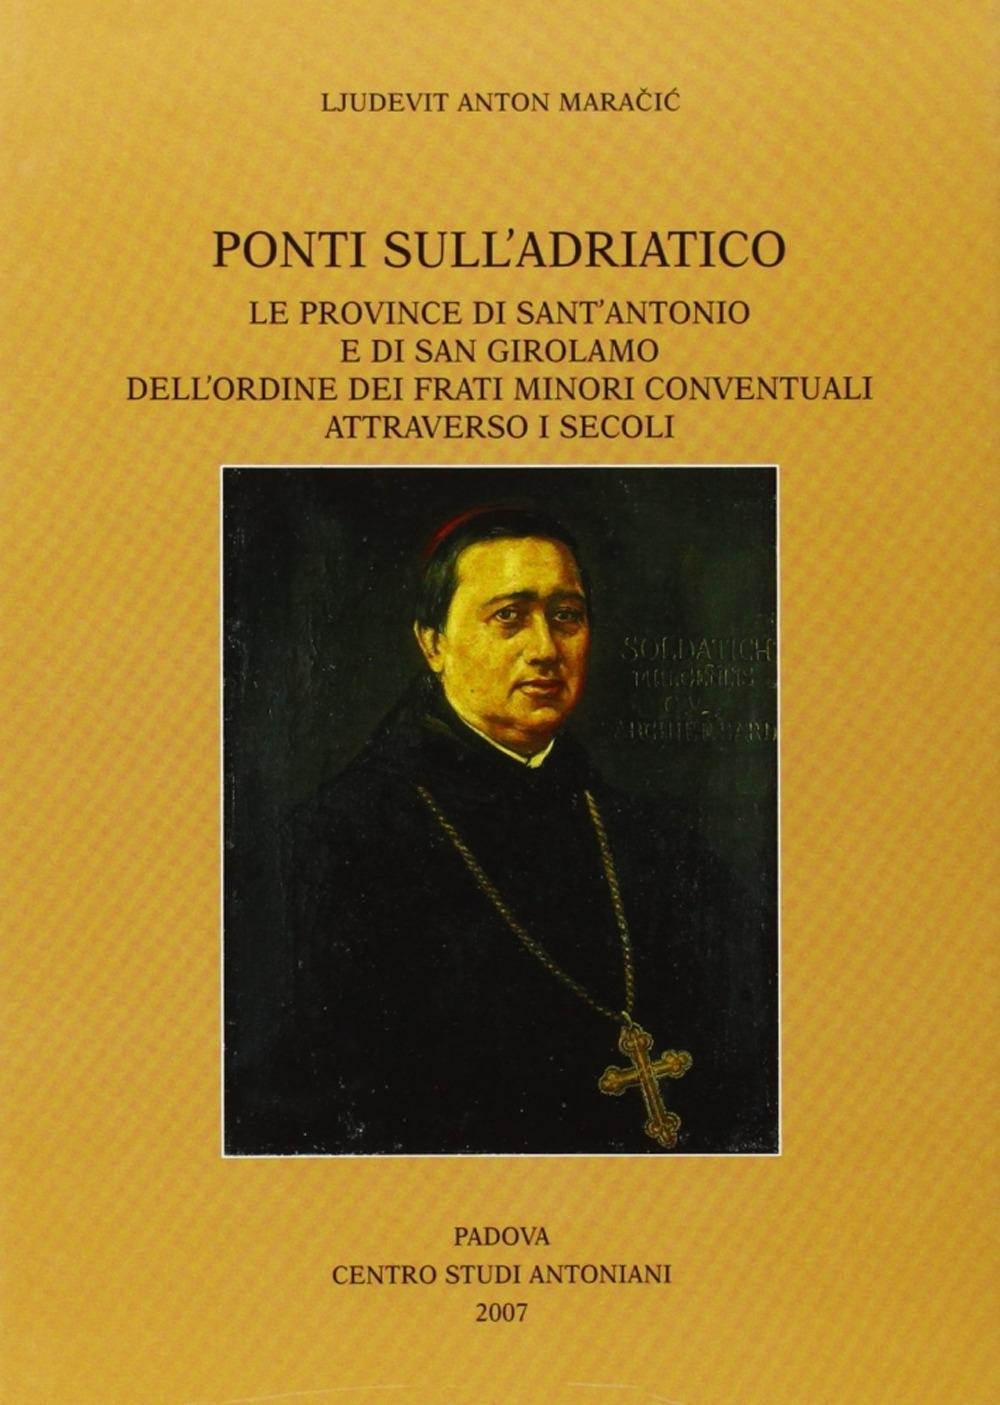 Ponti sull'Adriatico. Le province di Sant'Antonio e di San Girolamo dell'Ordine dei frati minori conventuali attraverso i secoli.